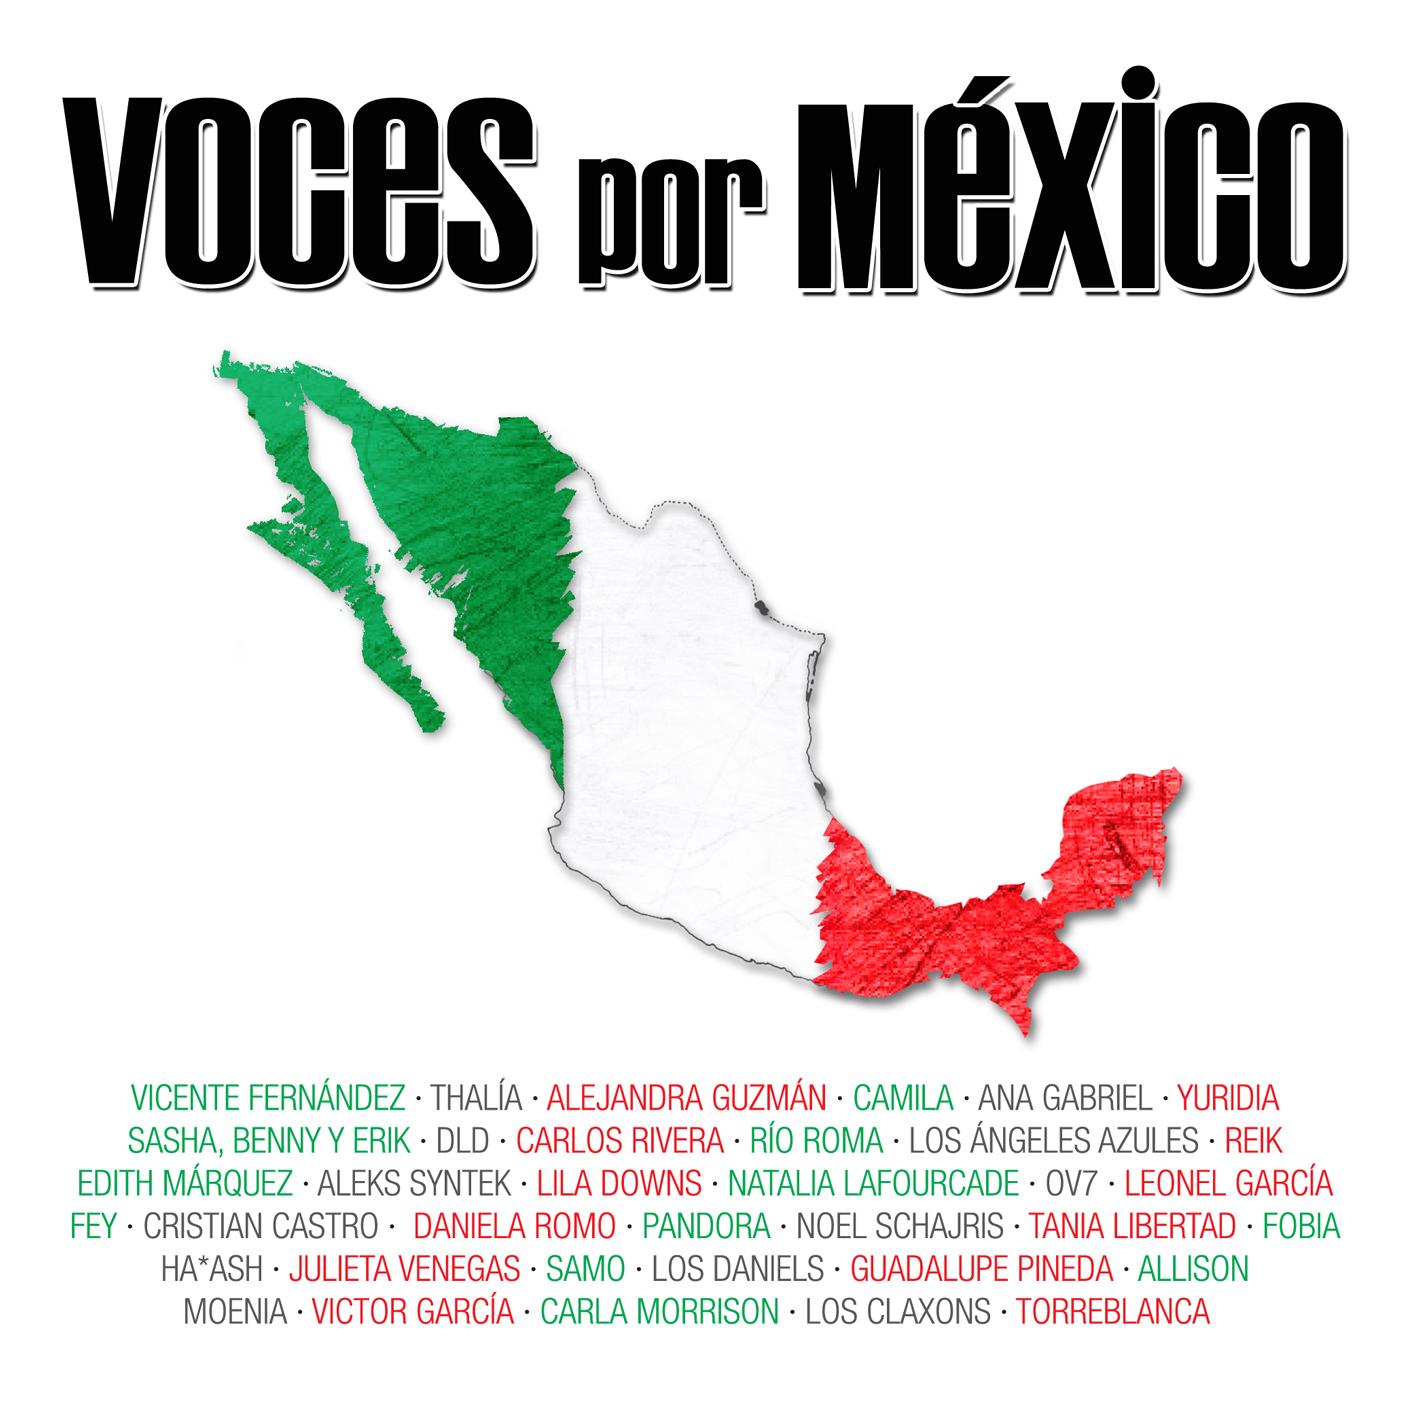 Voces por Mexico